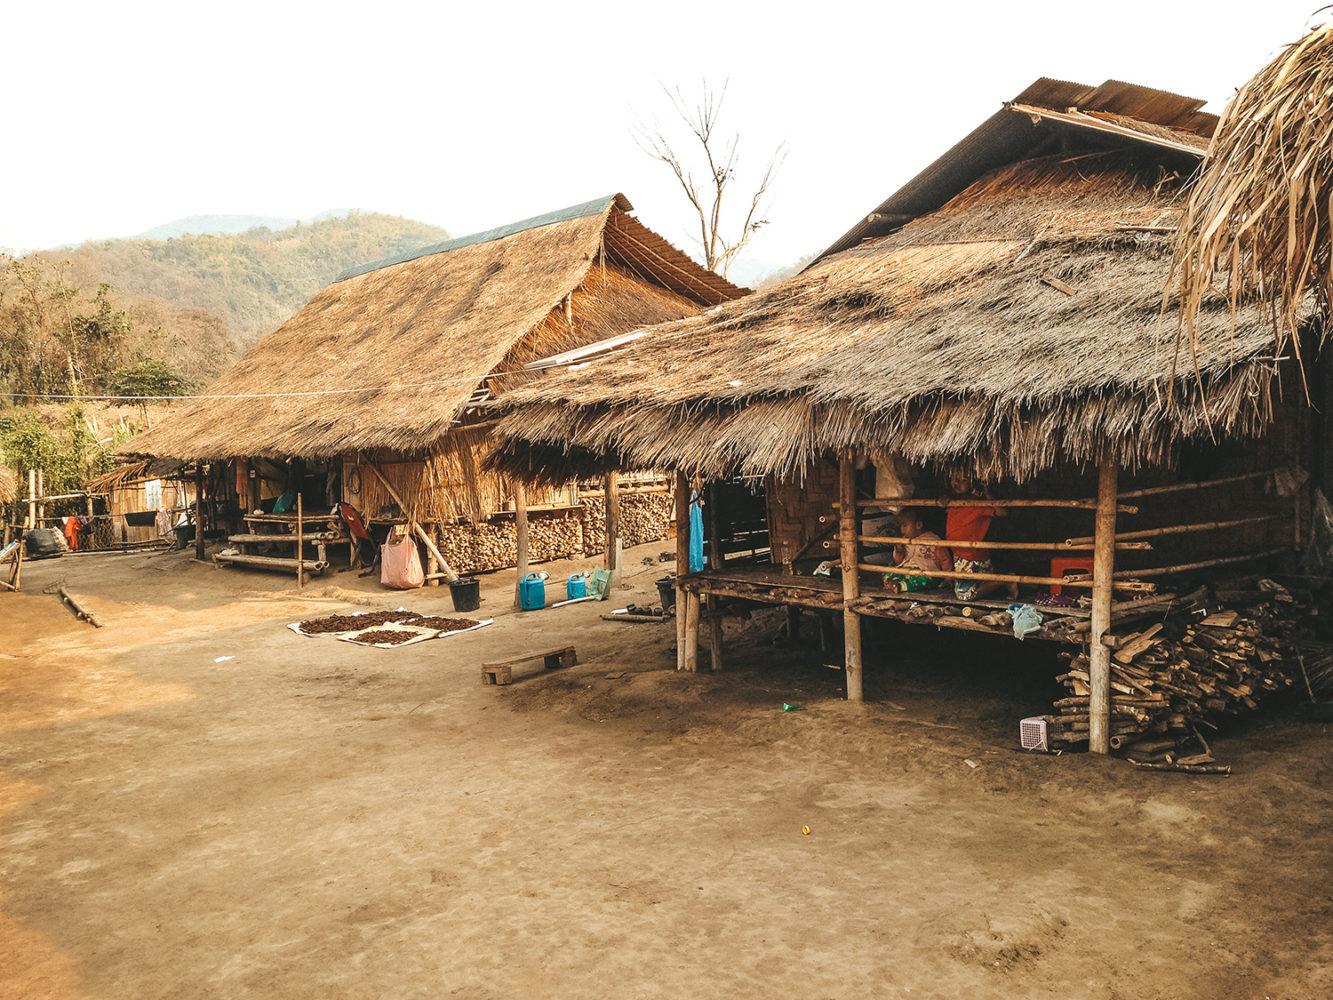 Les nombreux enfants dans les petites cabanes du village